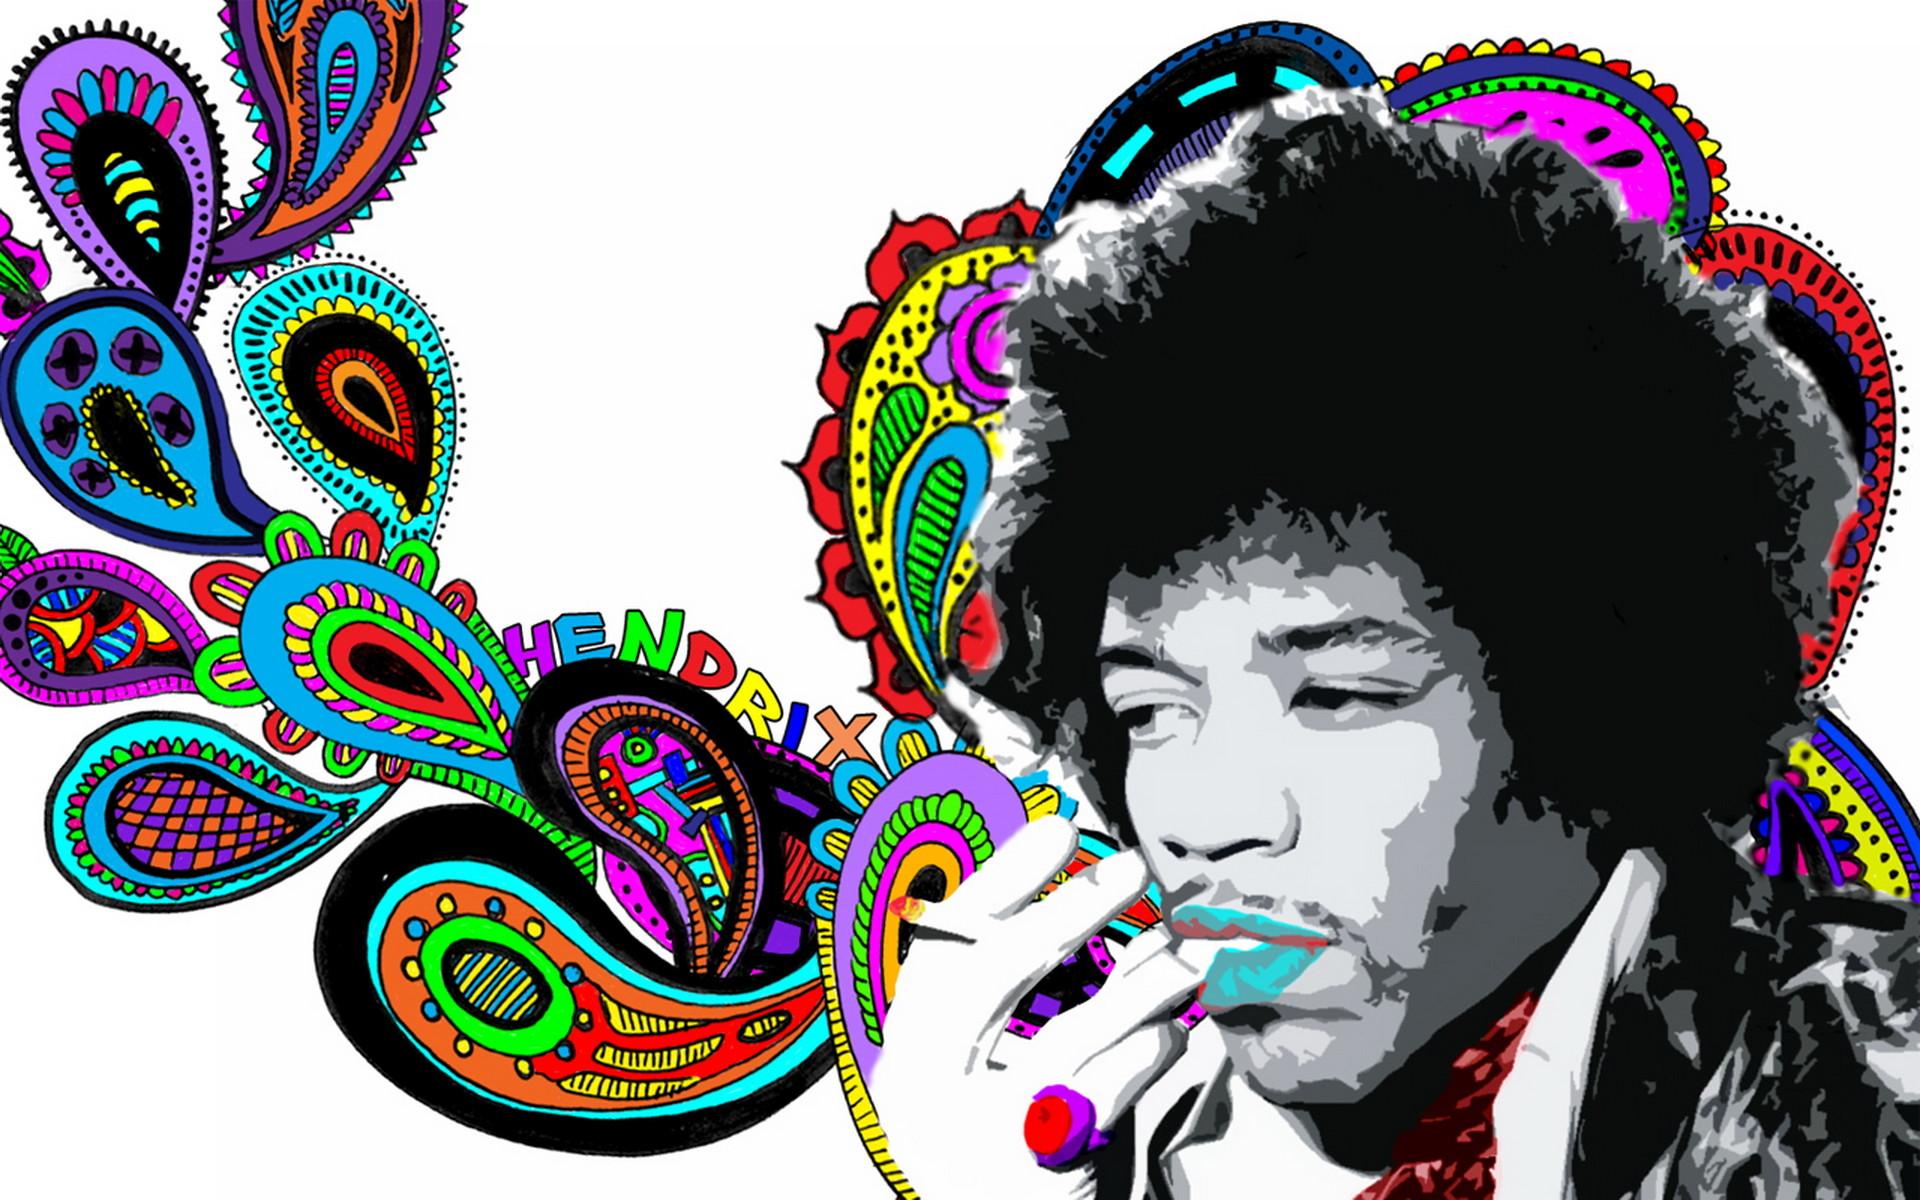 Jimi hendrix wallpaper 67 images 3009x1693 jimi hendrix purple haze wallpaper thecheapjerseys Gallery